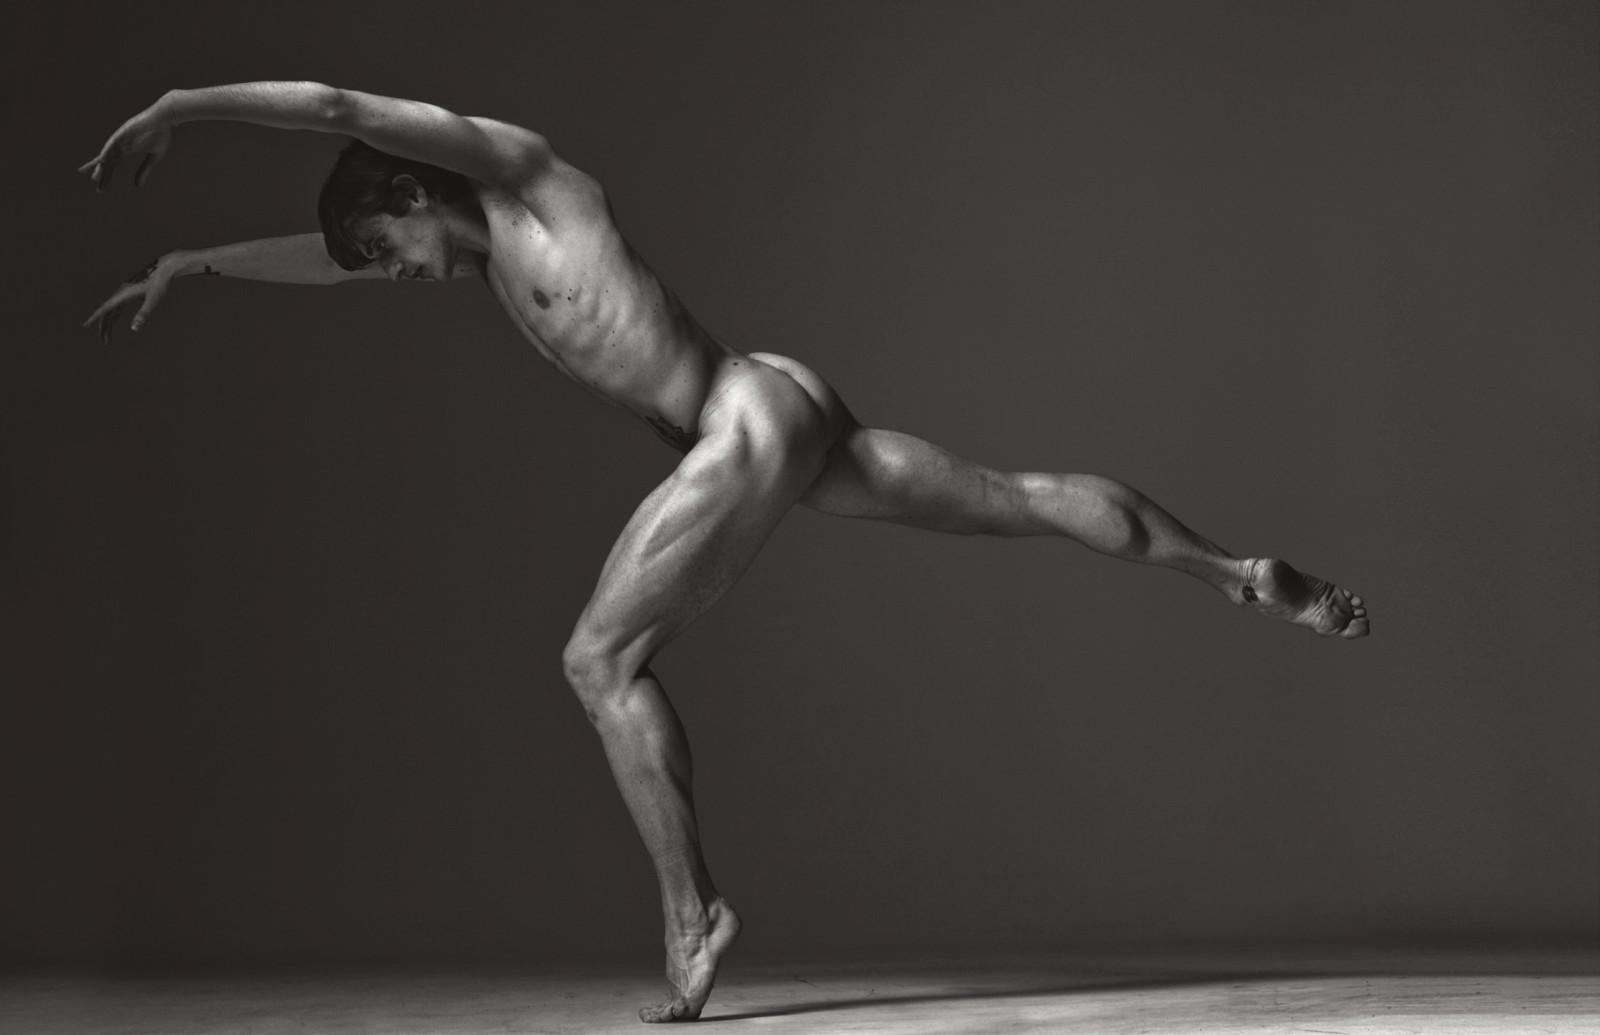 У парня встал член на балете 24 фотография